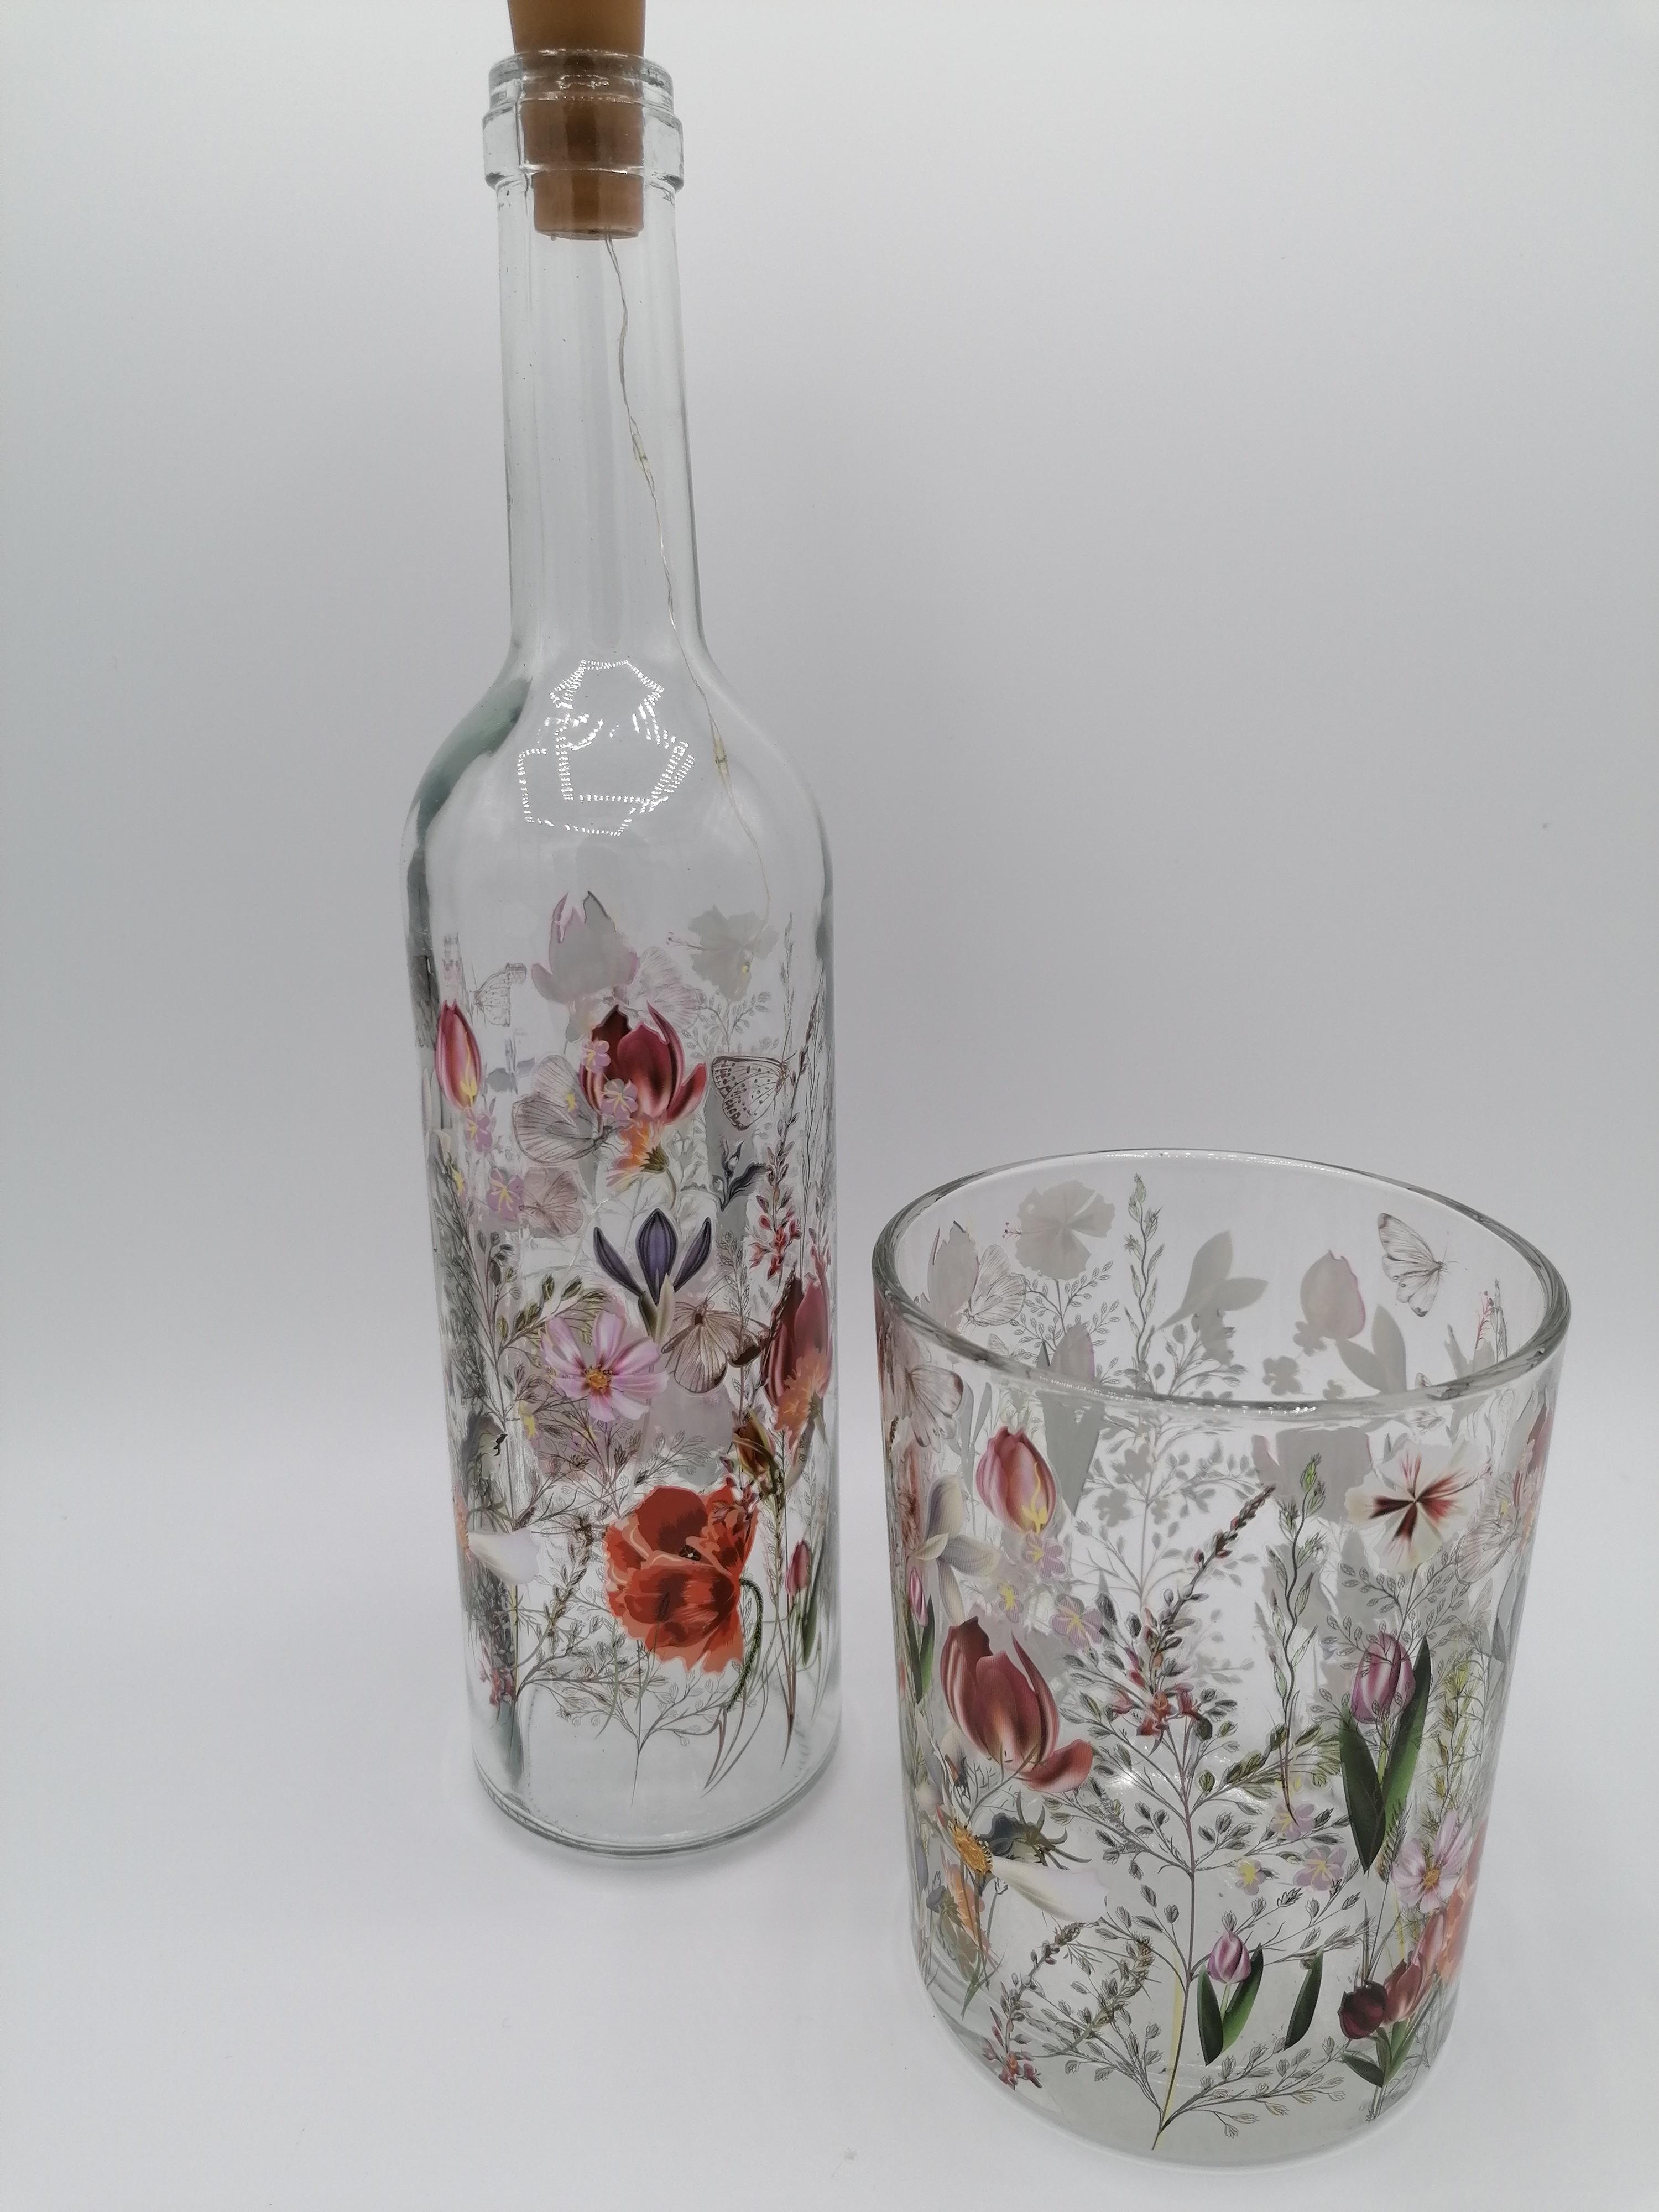 Glasflasche Blumenmotiv mit Licht